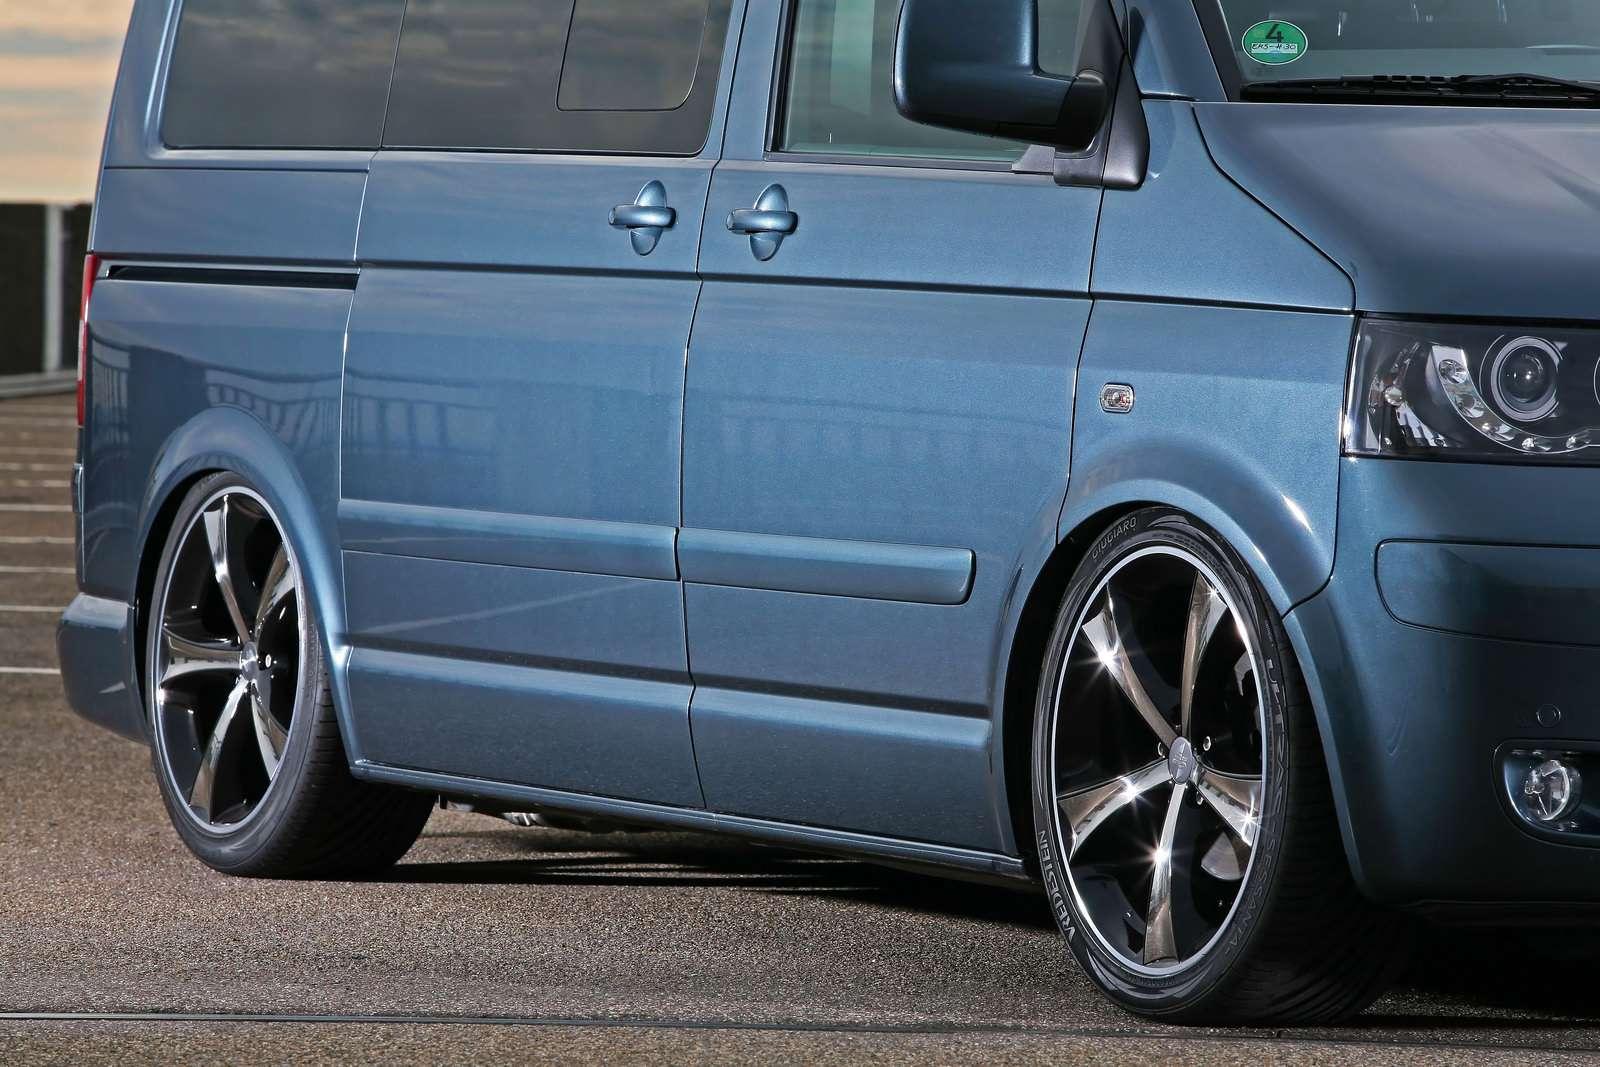 Volkswagen Transporter MR Car Design sierpien 2010